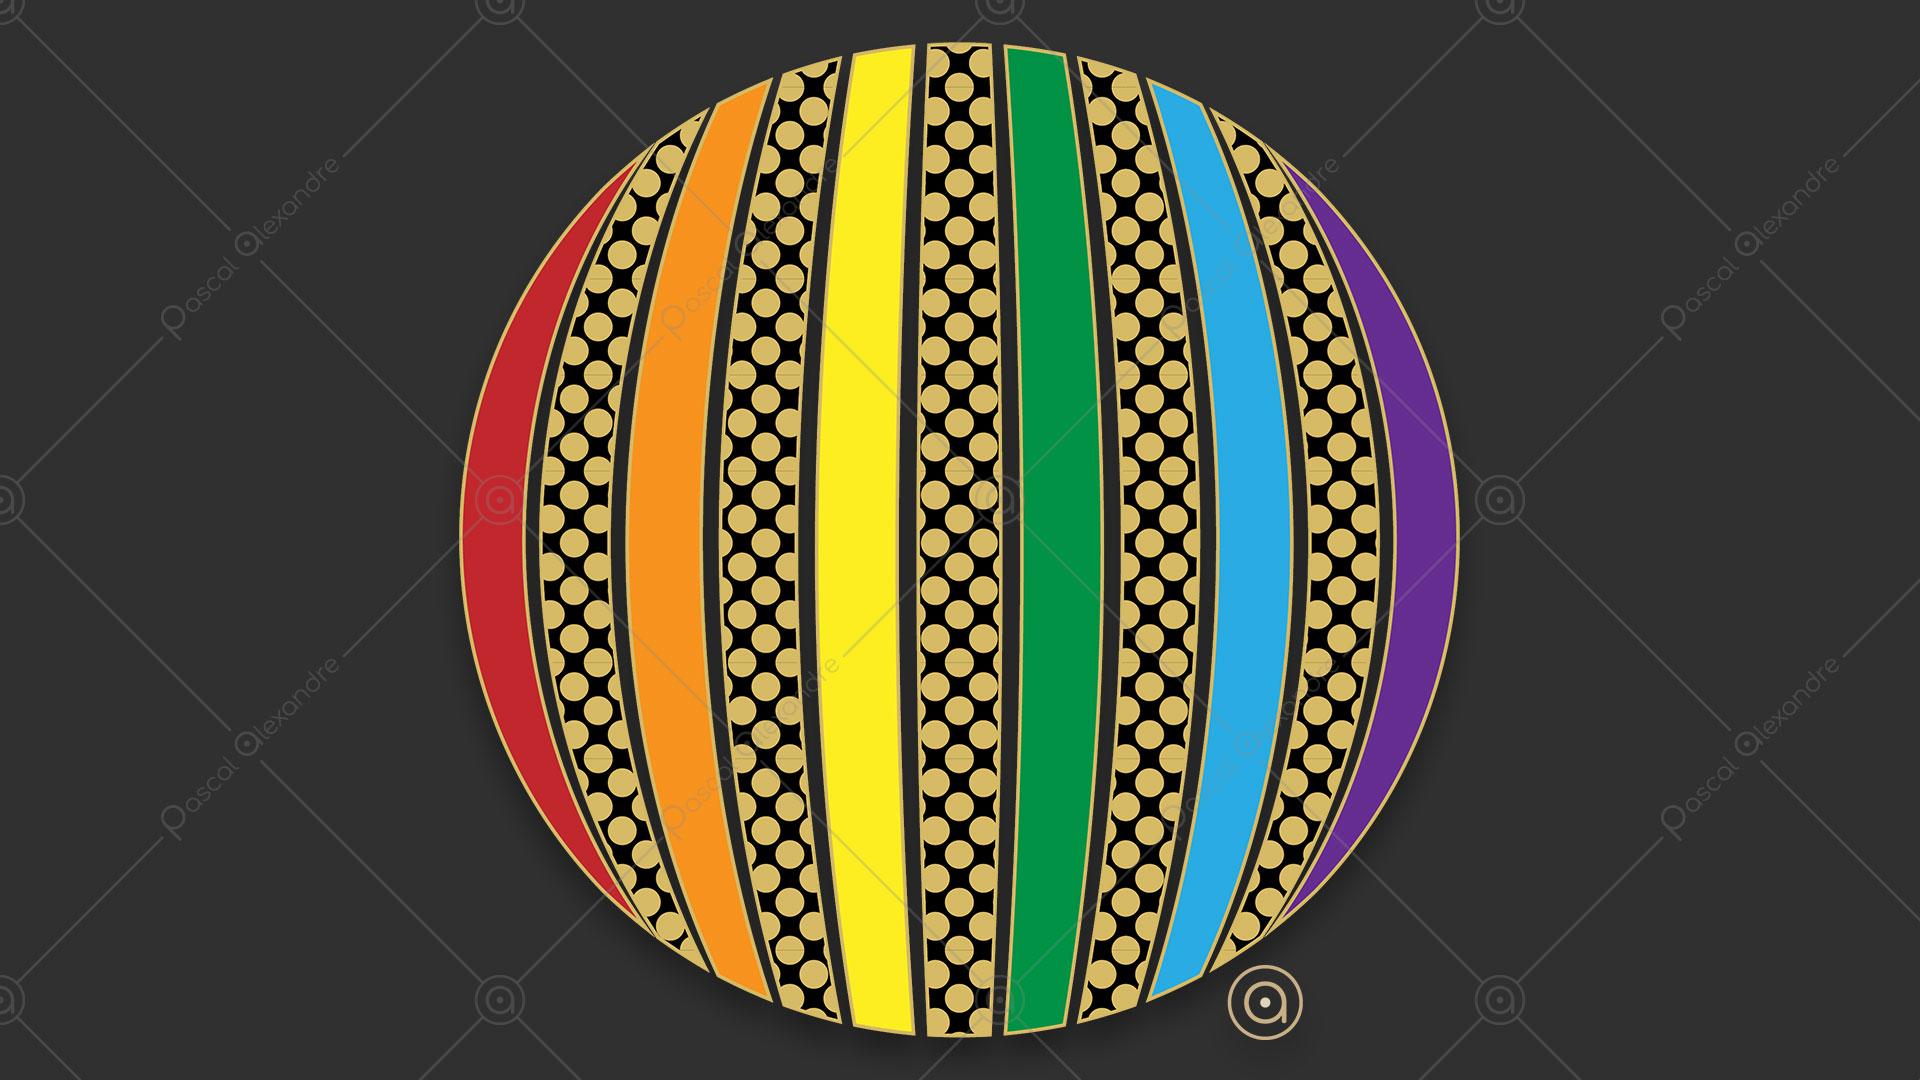 Sphere Rainbow 1554415126